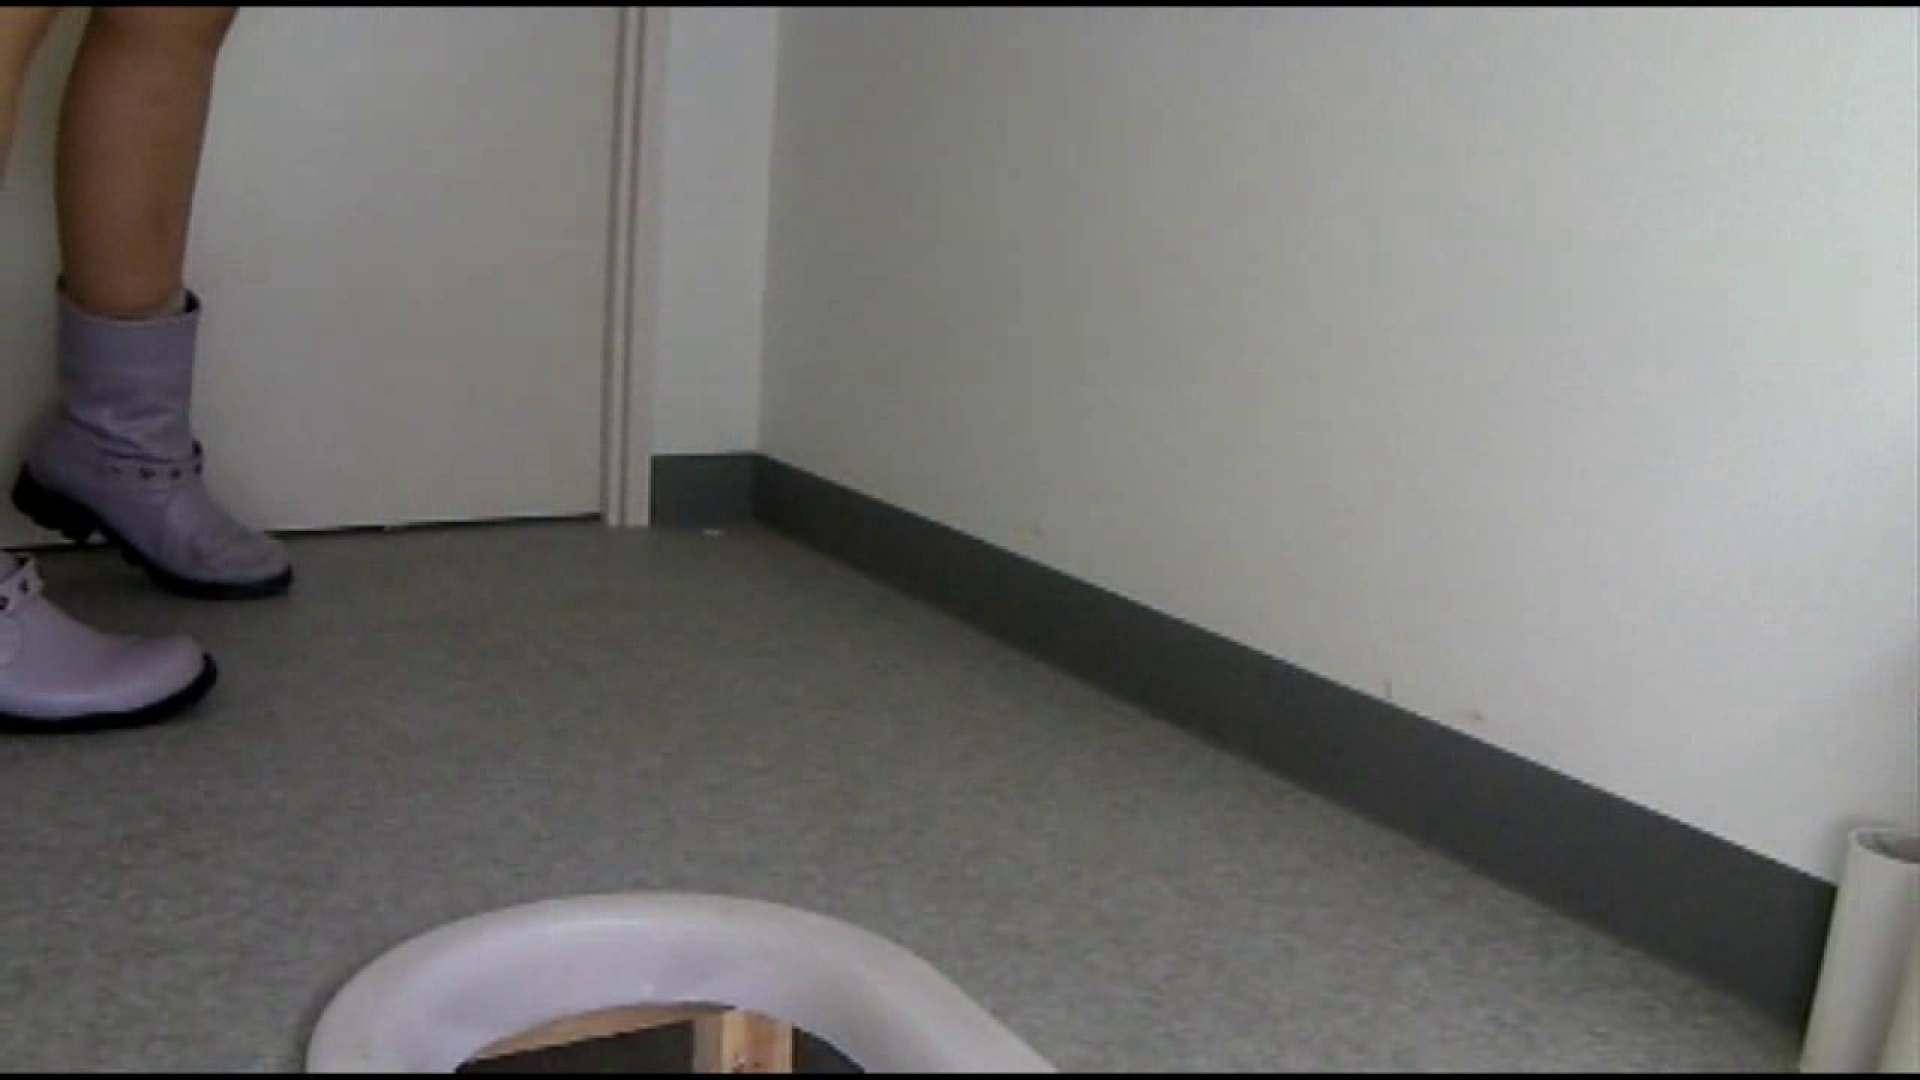 和式にまたがる女たちを待ちうけるカメラの衝撃映像vol.01 盗撮 隠し撮りオマンコ動画紹介 89画像 63